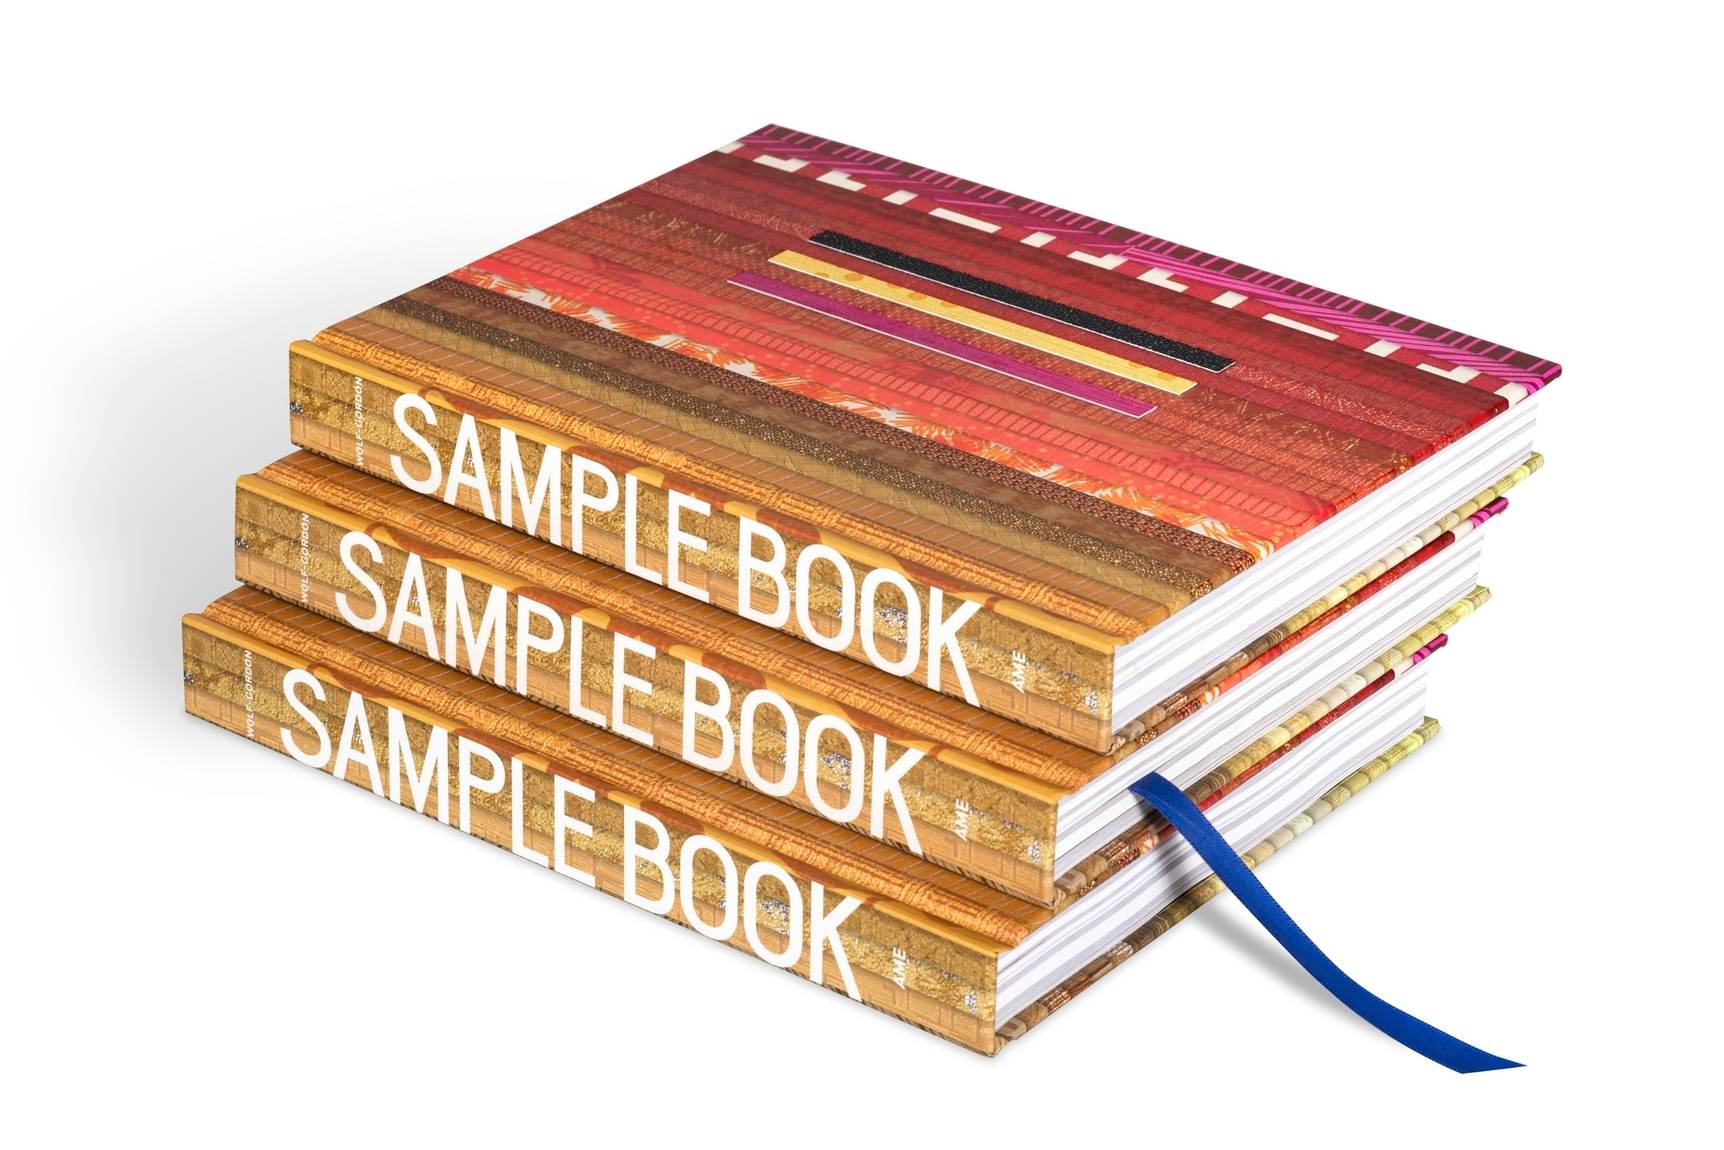 wg-book-cover-01-1920x1281.jpg